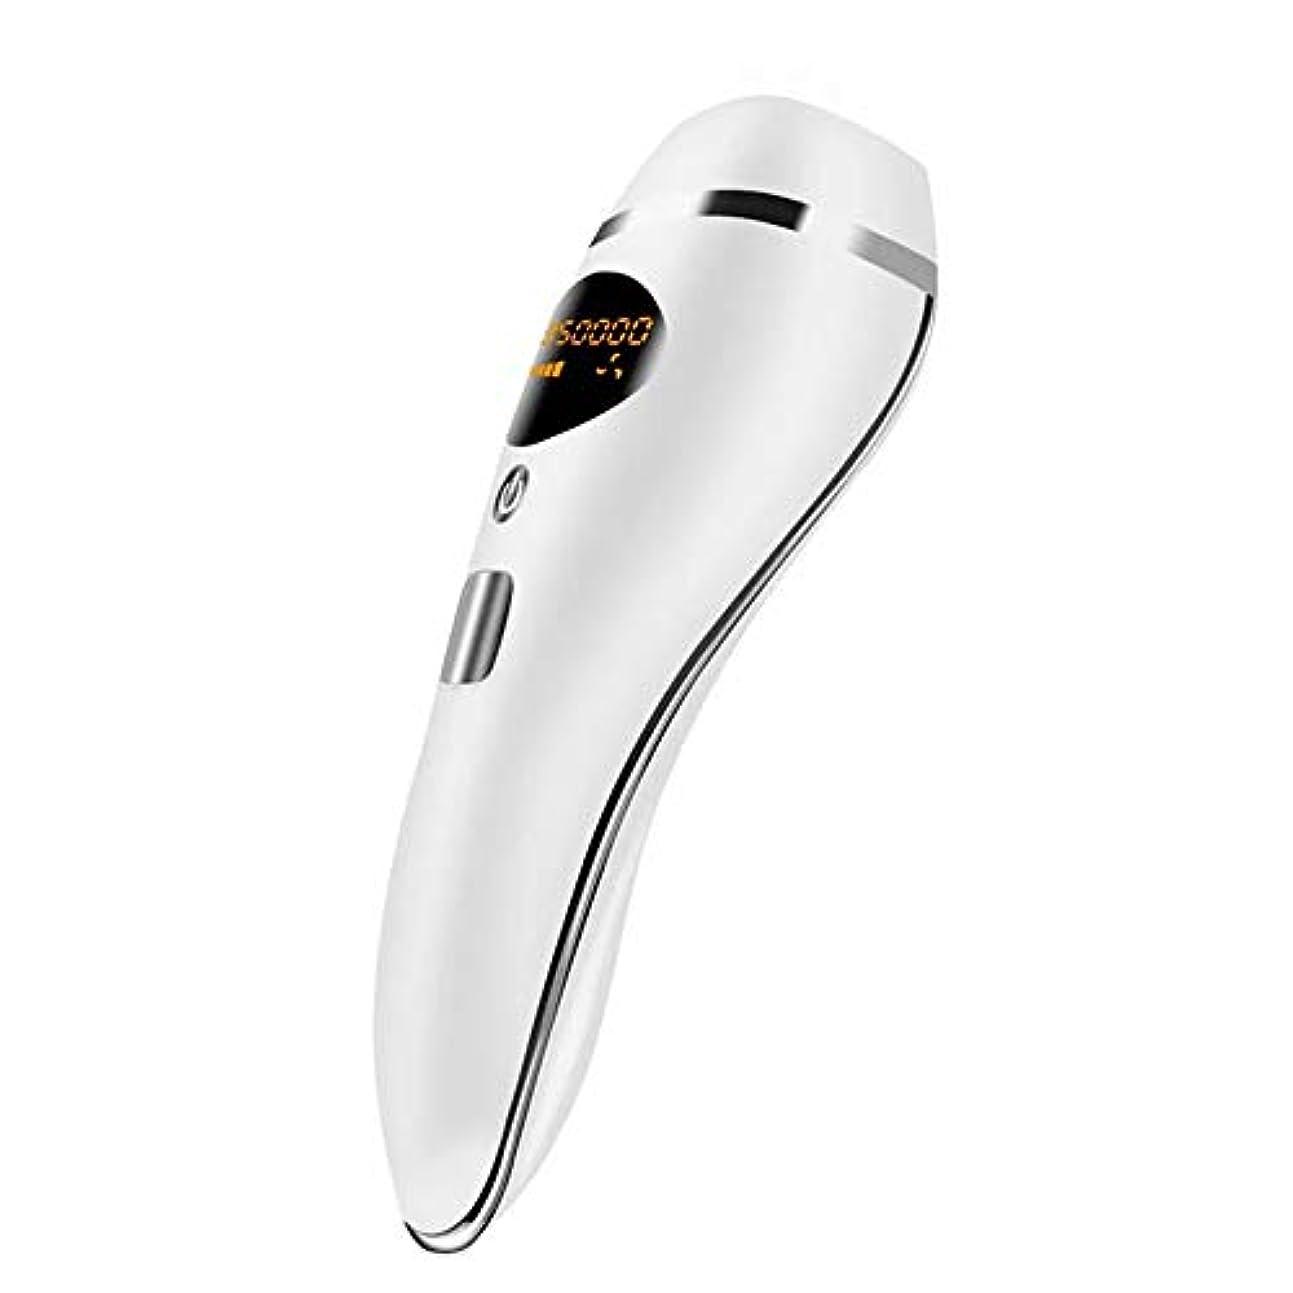 インストール中世の免疫するIPL脱毛システムライト脱毛器、600000回の点滅美容デバイスは、長期的な毛の成長を軽減します-5つの強度レベル,白